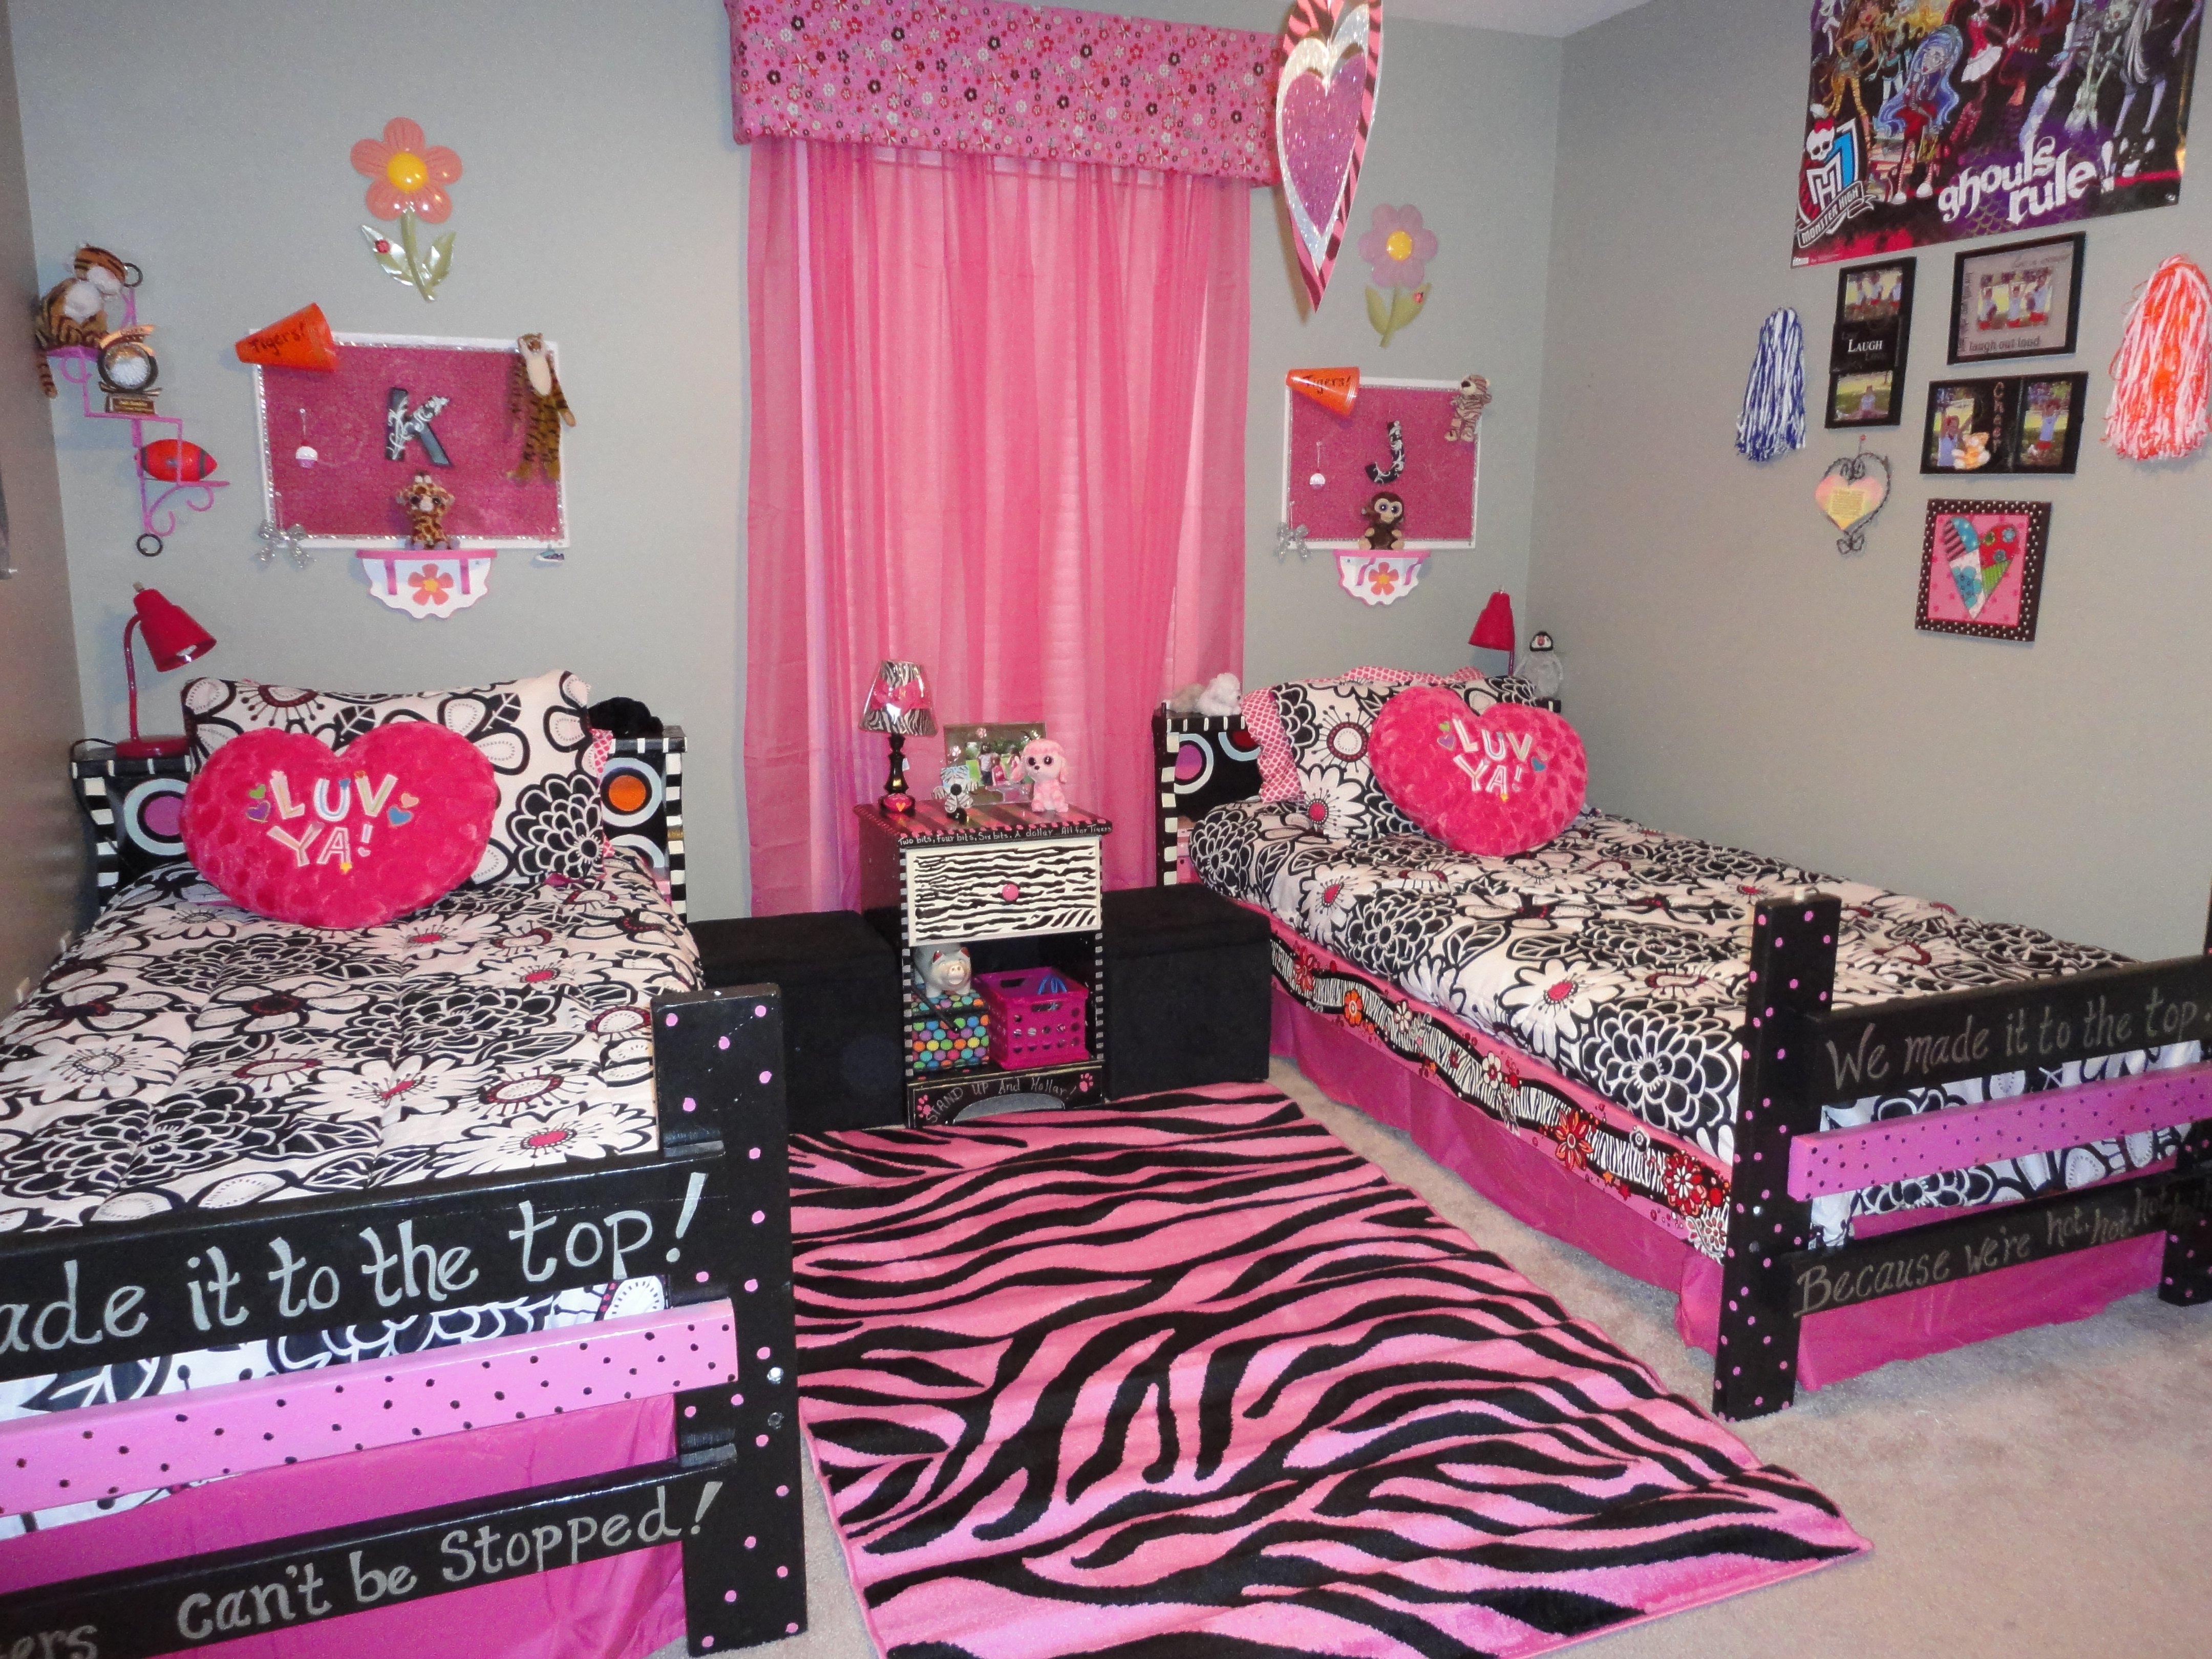 10 Trendy Monster High Room Decor Ideas monster high room for girls home decor pinterest monster high 1 2020